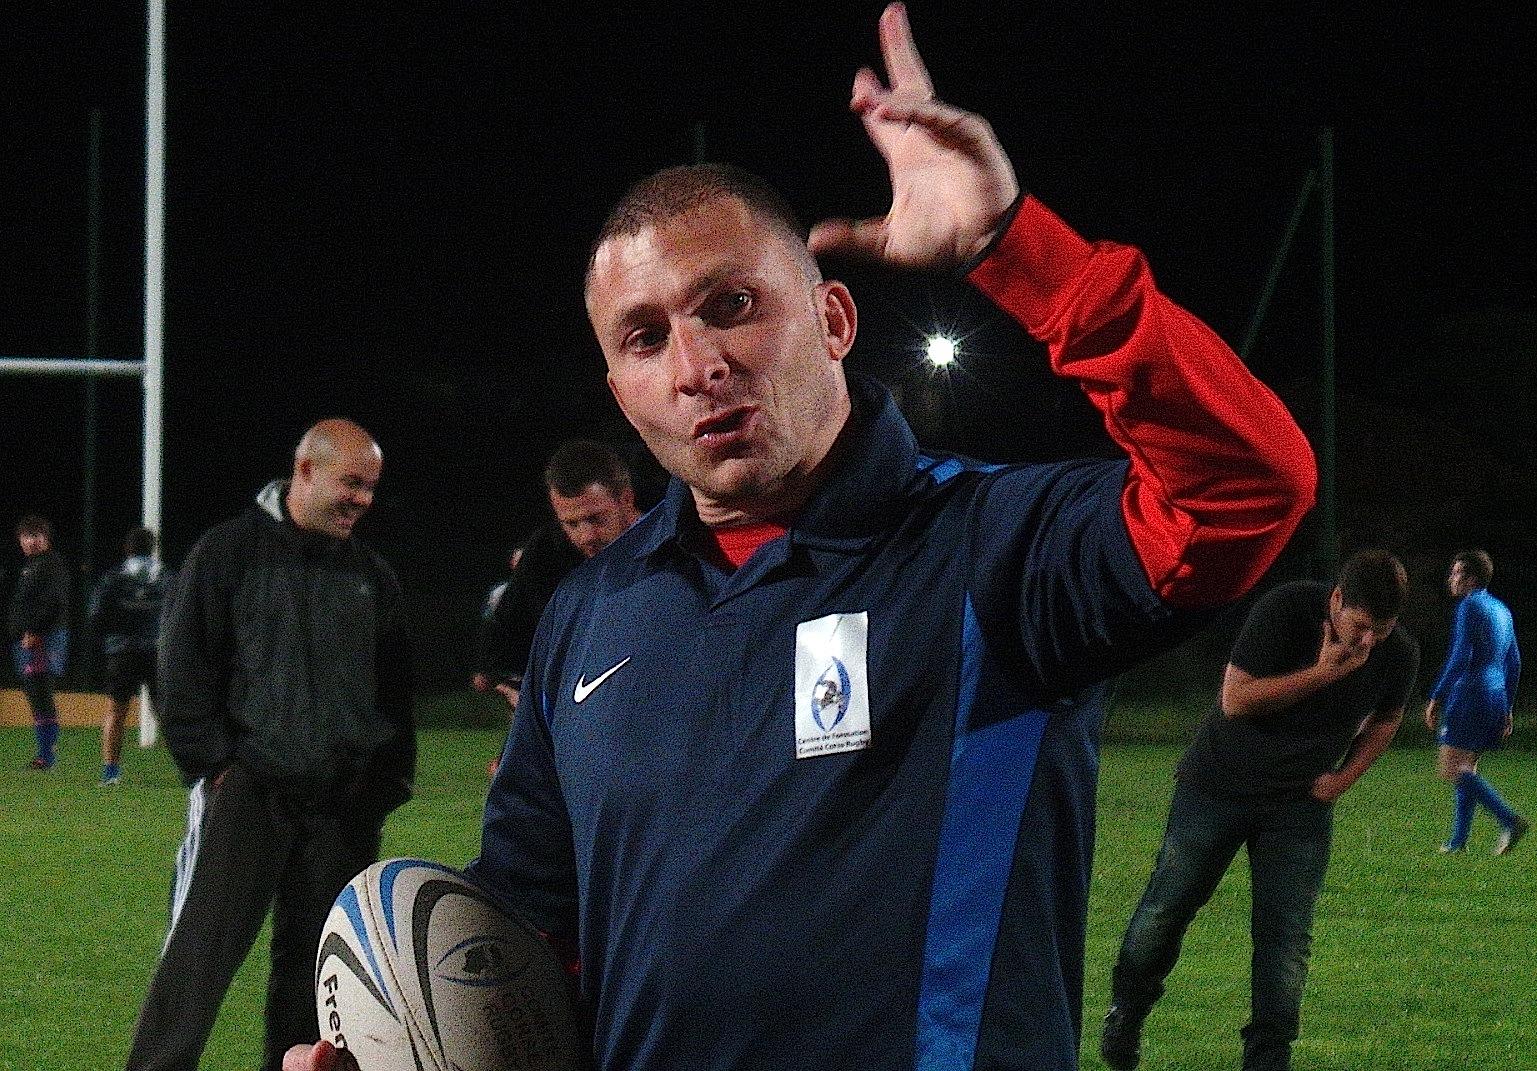 Rugby : Pierre Mignoni (RC Toulon) parrain du centre régional de haut niveau